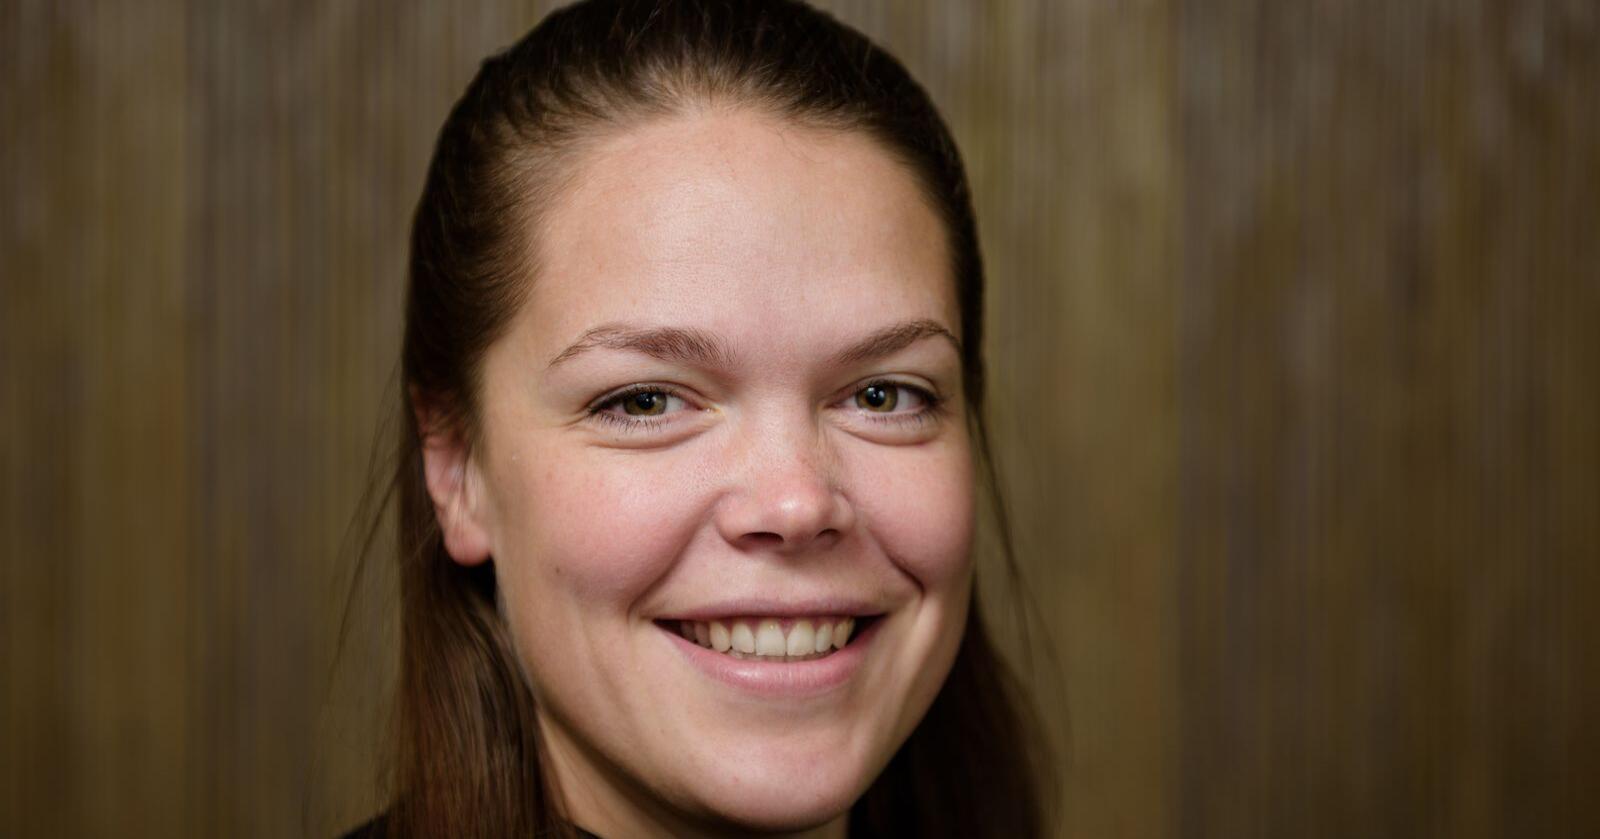 Vilde Haarsaker er ny assisterende generalsekretær i NBS. Foto: John Trygve Tollefsen